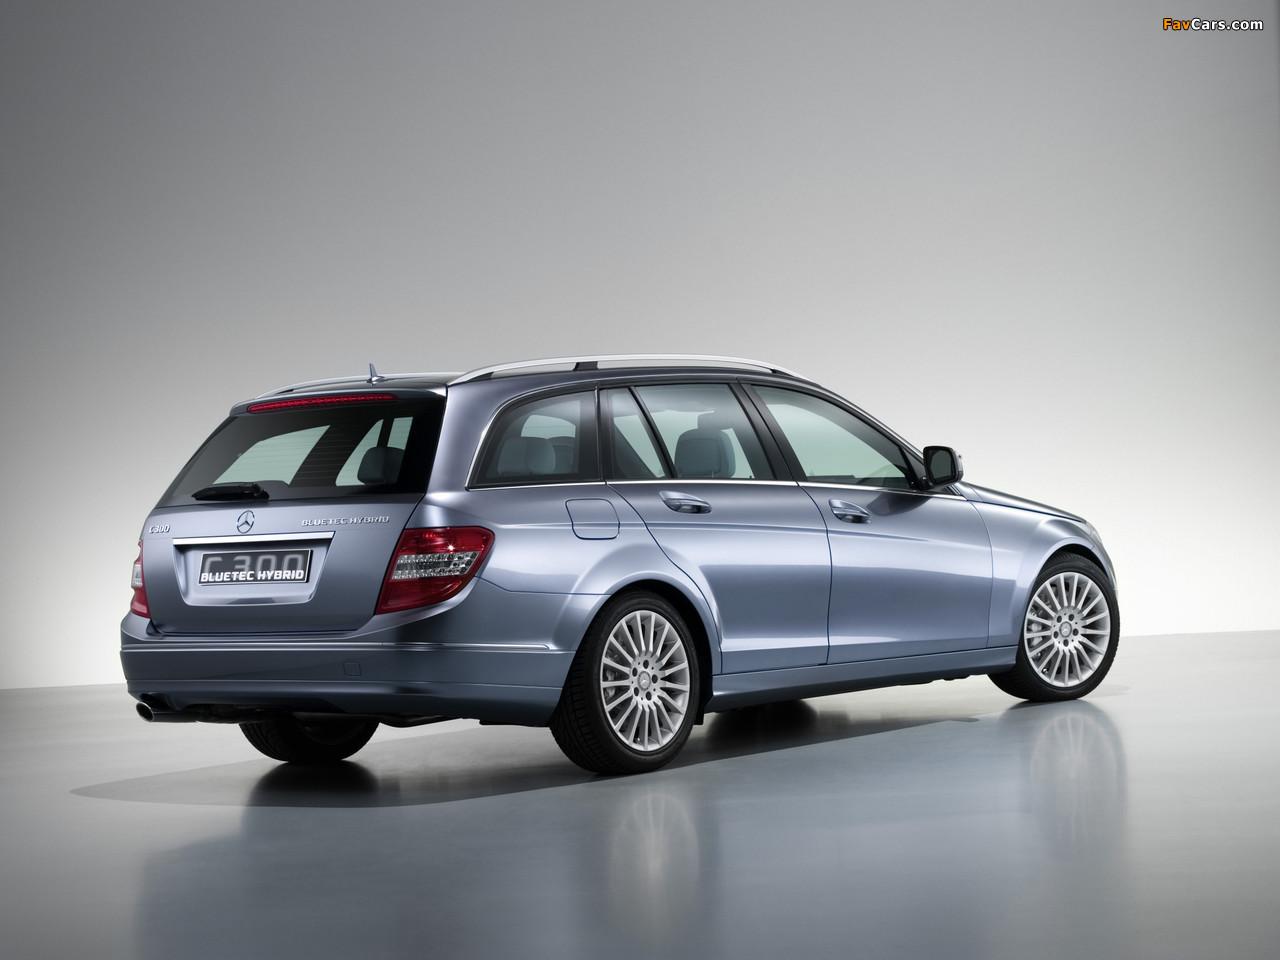 Mercedes-Benz C 300 BlueTec Hybrid Concept (S204) 2007 pictures (1280 x 960)